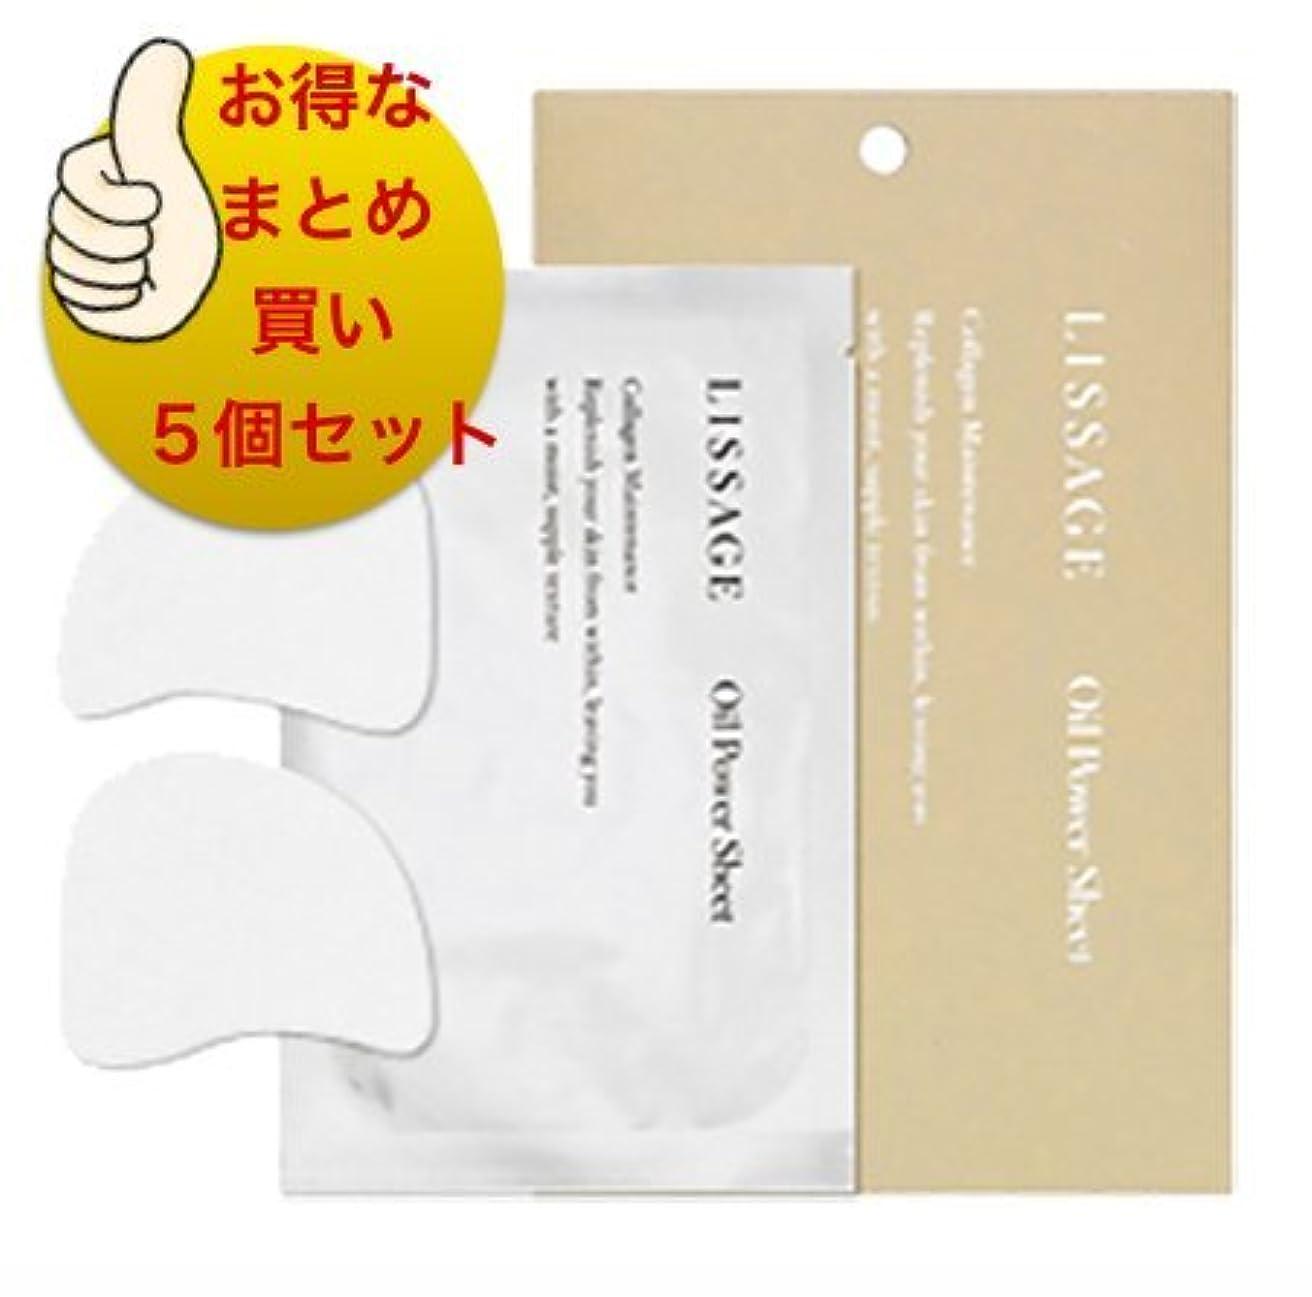 女将一致航海【リサージ】LISSAGE (リサージ) オイルパワーシート (3セット (6枚)) .の5個まとめ買いセット